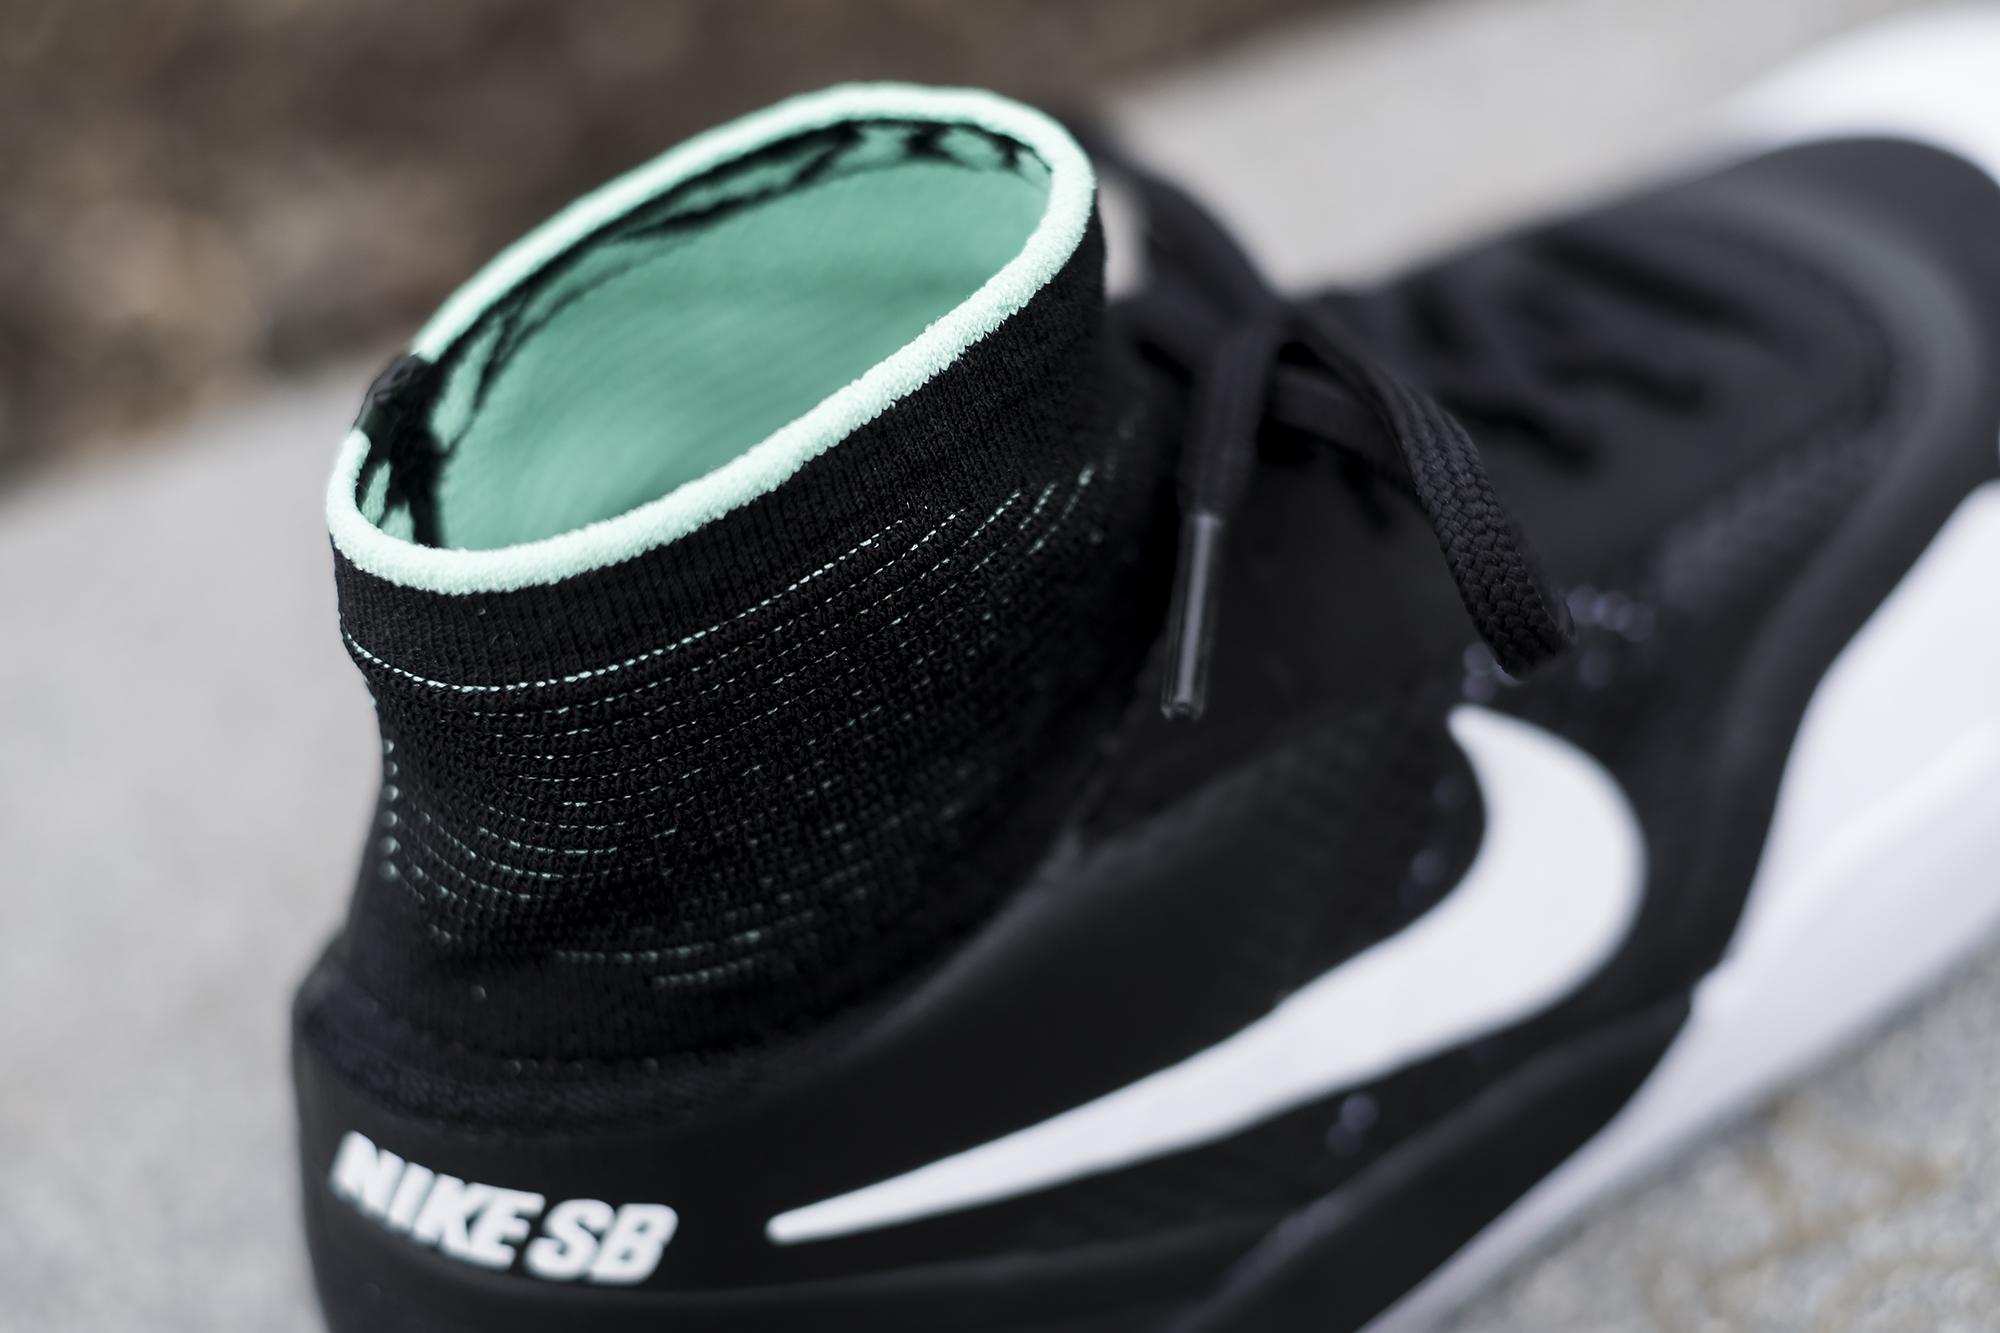 nike sb hyperfeel eric koston xt weartest sock – Flatspot